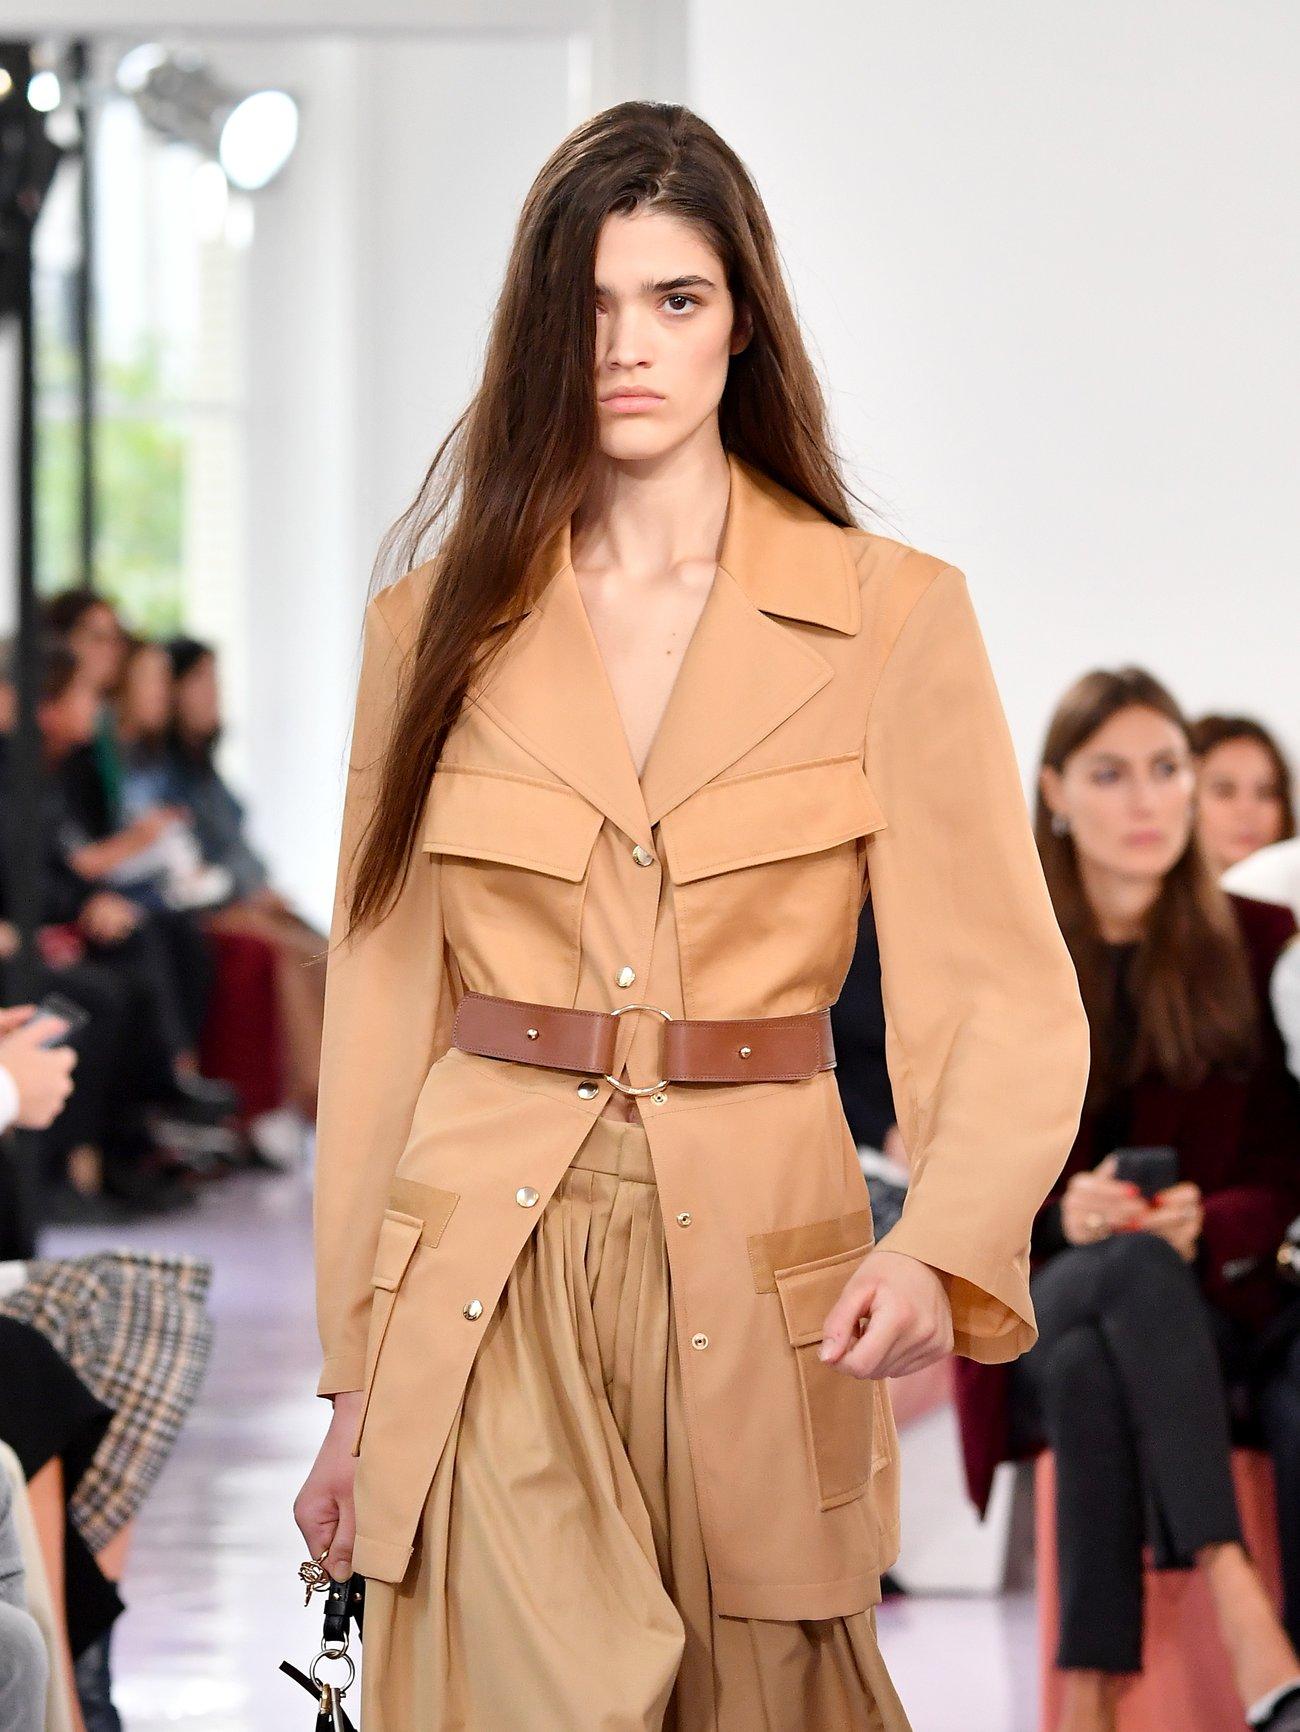 Jacken Trends 2019 aufgesetzte Taschen Chloe